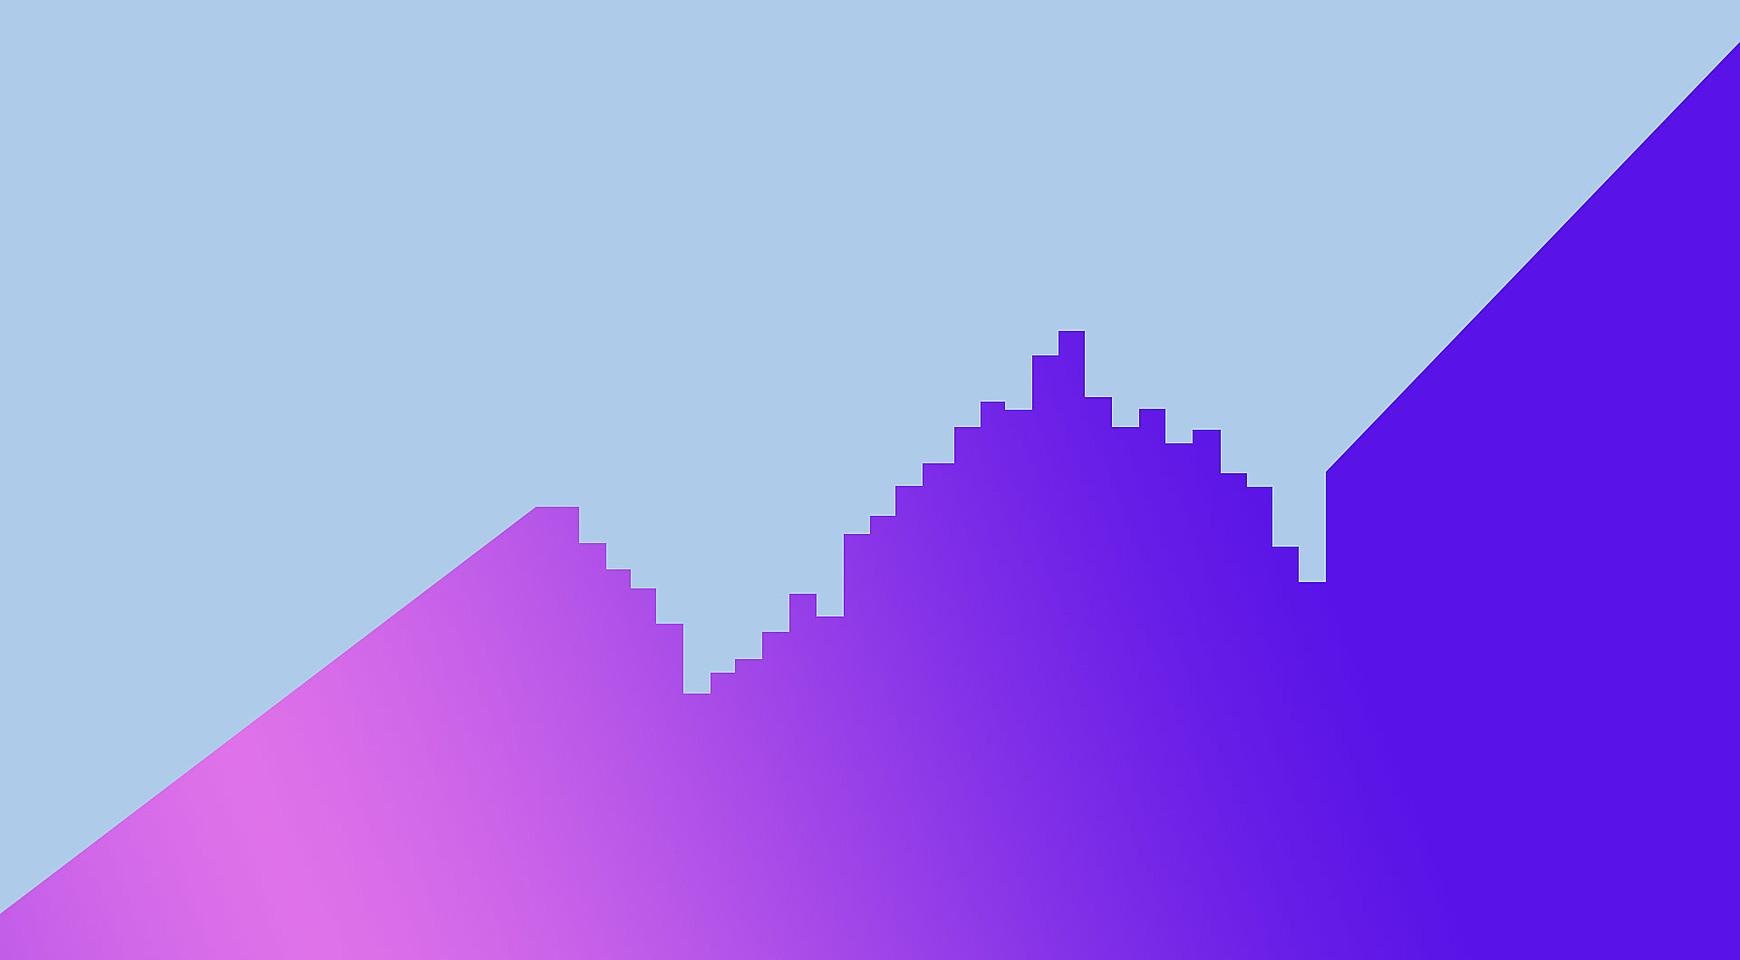 ICO graphics